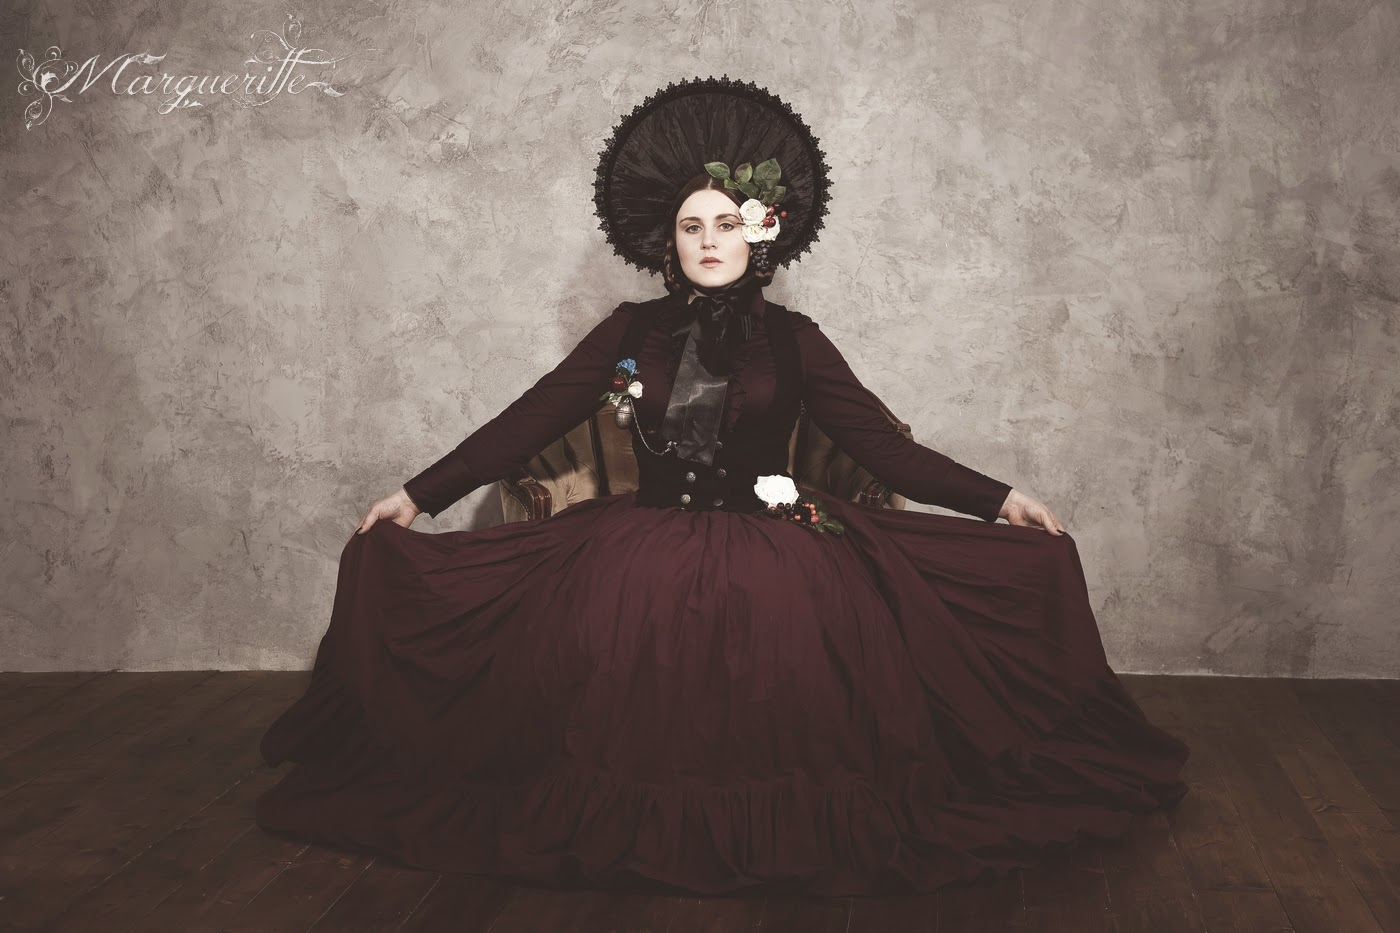 La Madame avec un chapeau - Danny Worm, Margueritte Weinlich